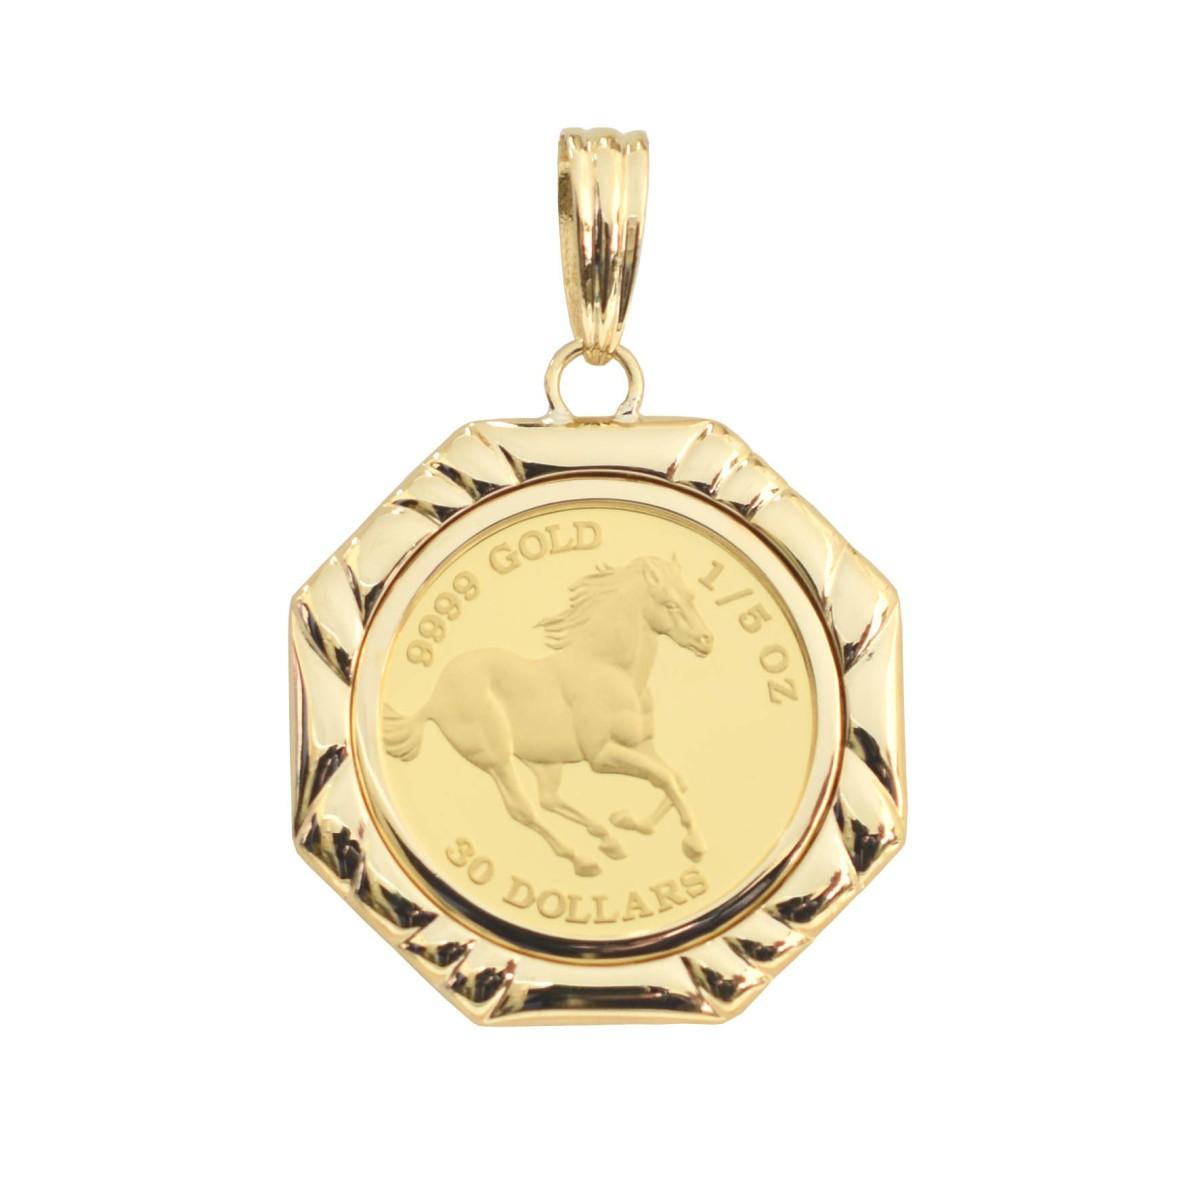 ツバル/ホースコイン金貨 K24(純金) 1/5オンス ホースコイン K18枠付きペンダントトップ